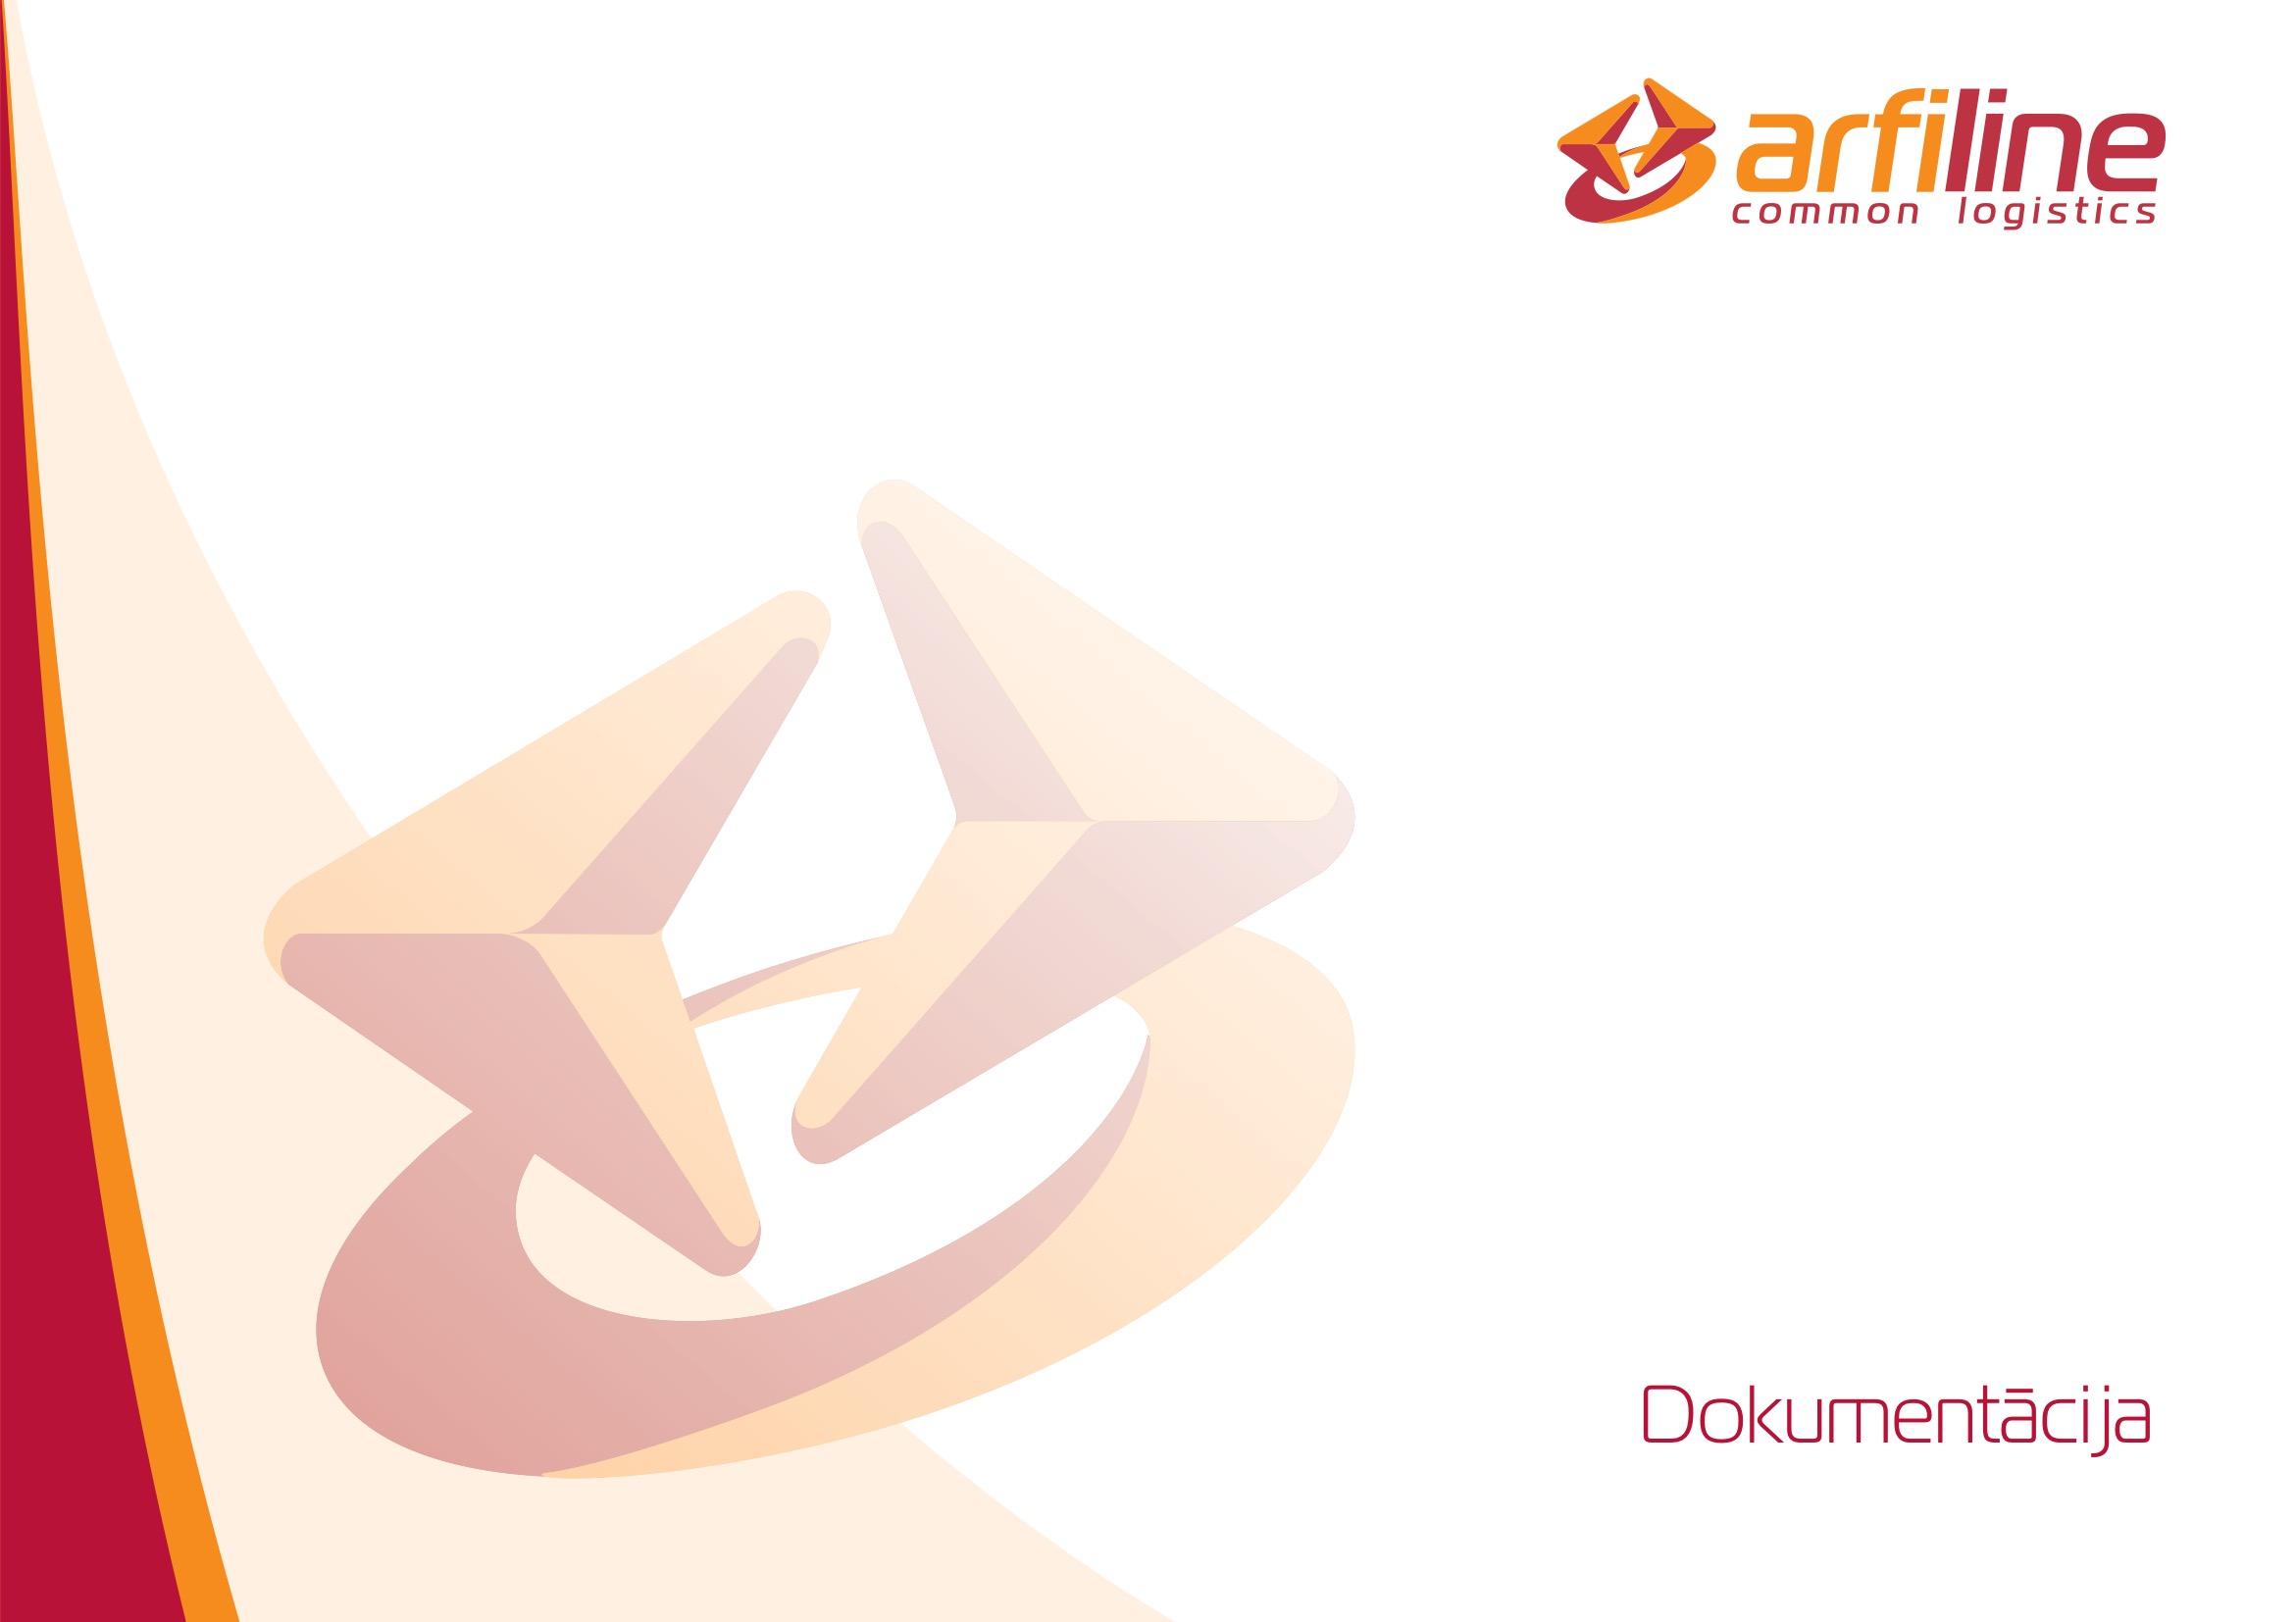 ARFILine_tils 9